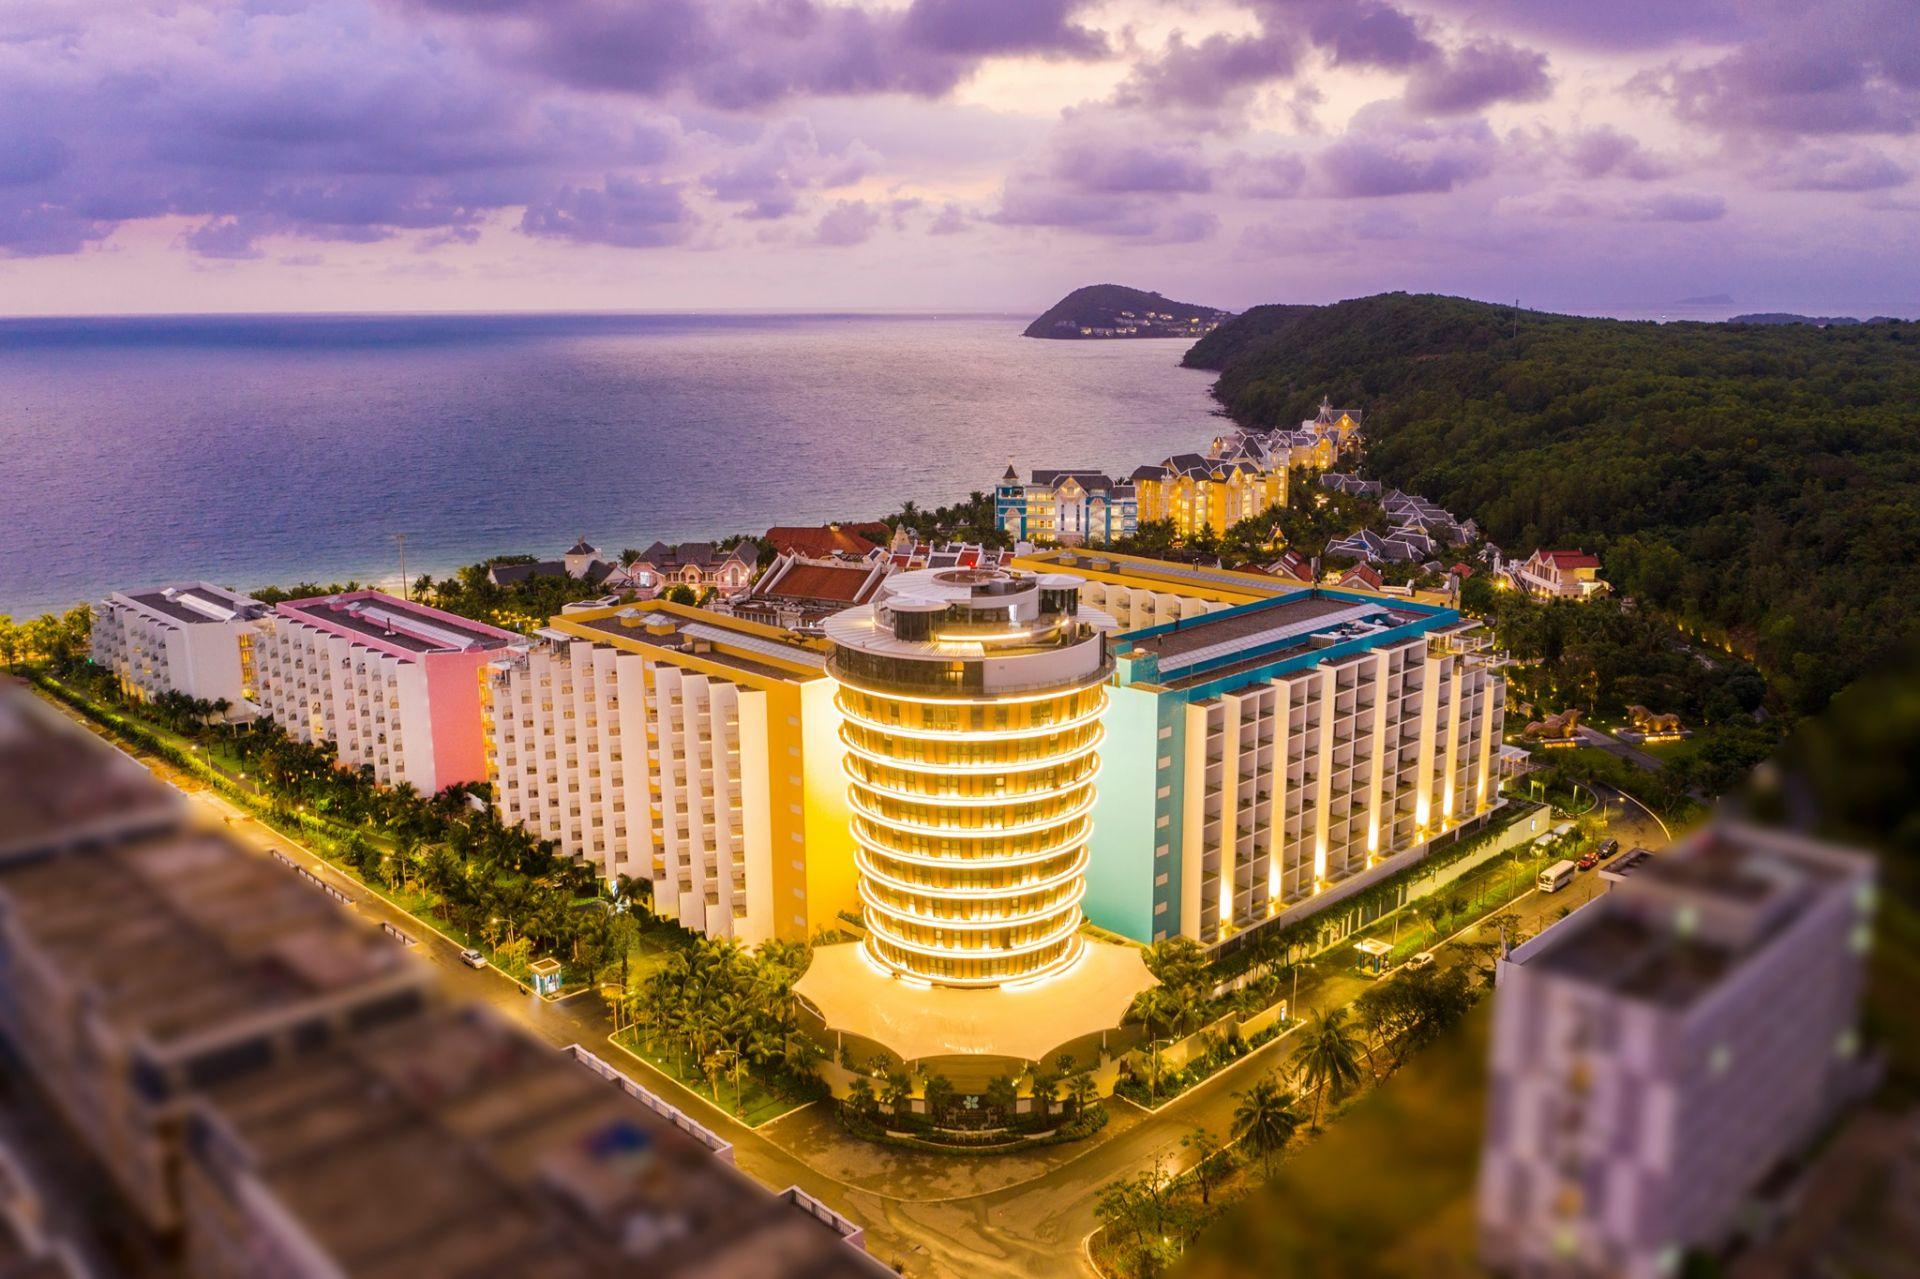 GRAND WORLD PHÚ QUỐC UNITED CENTER - Khai trương siêu quần thể giải trí, nghỉ dưỡng tại Phú Quốc